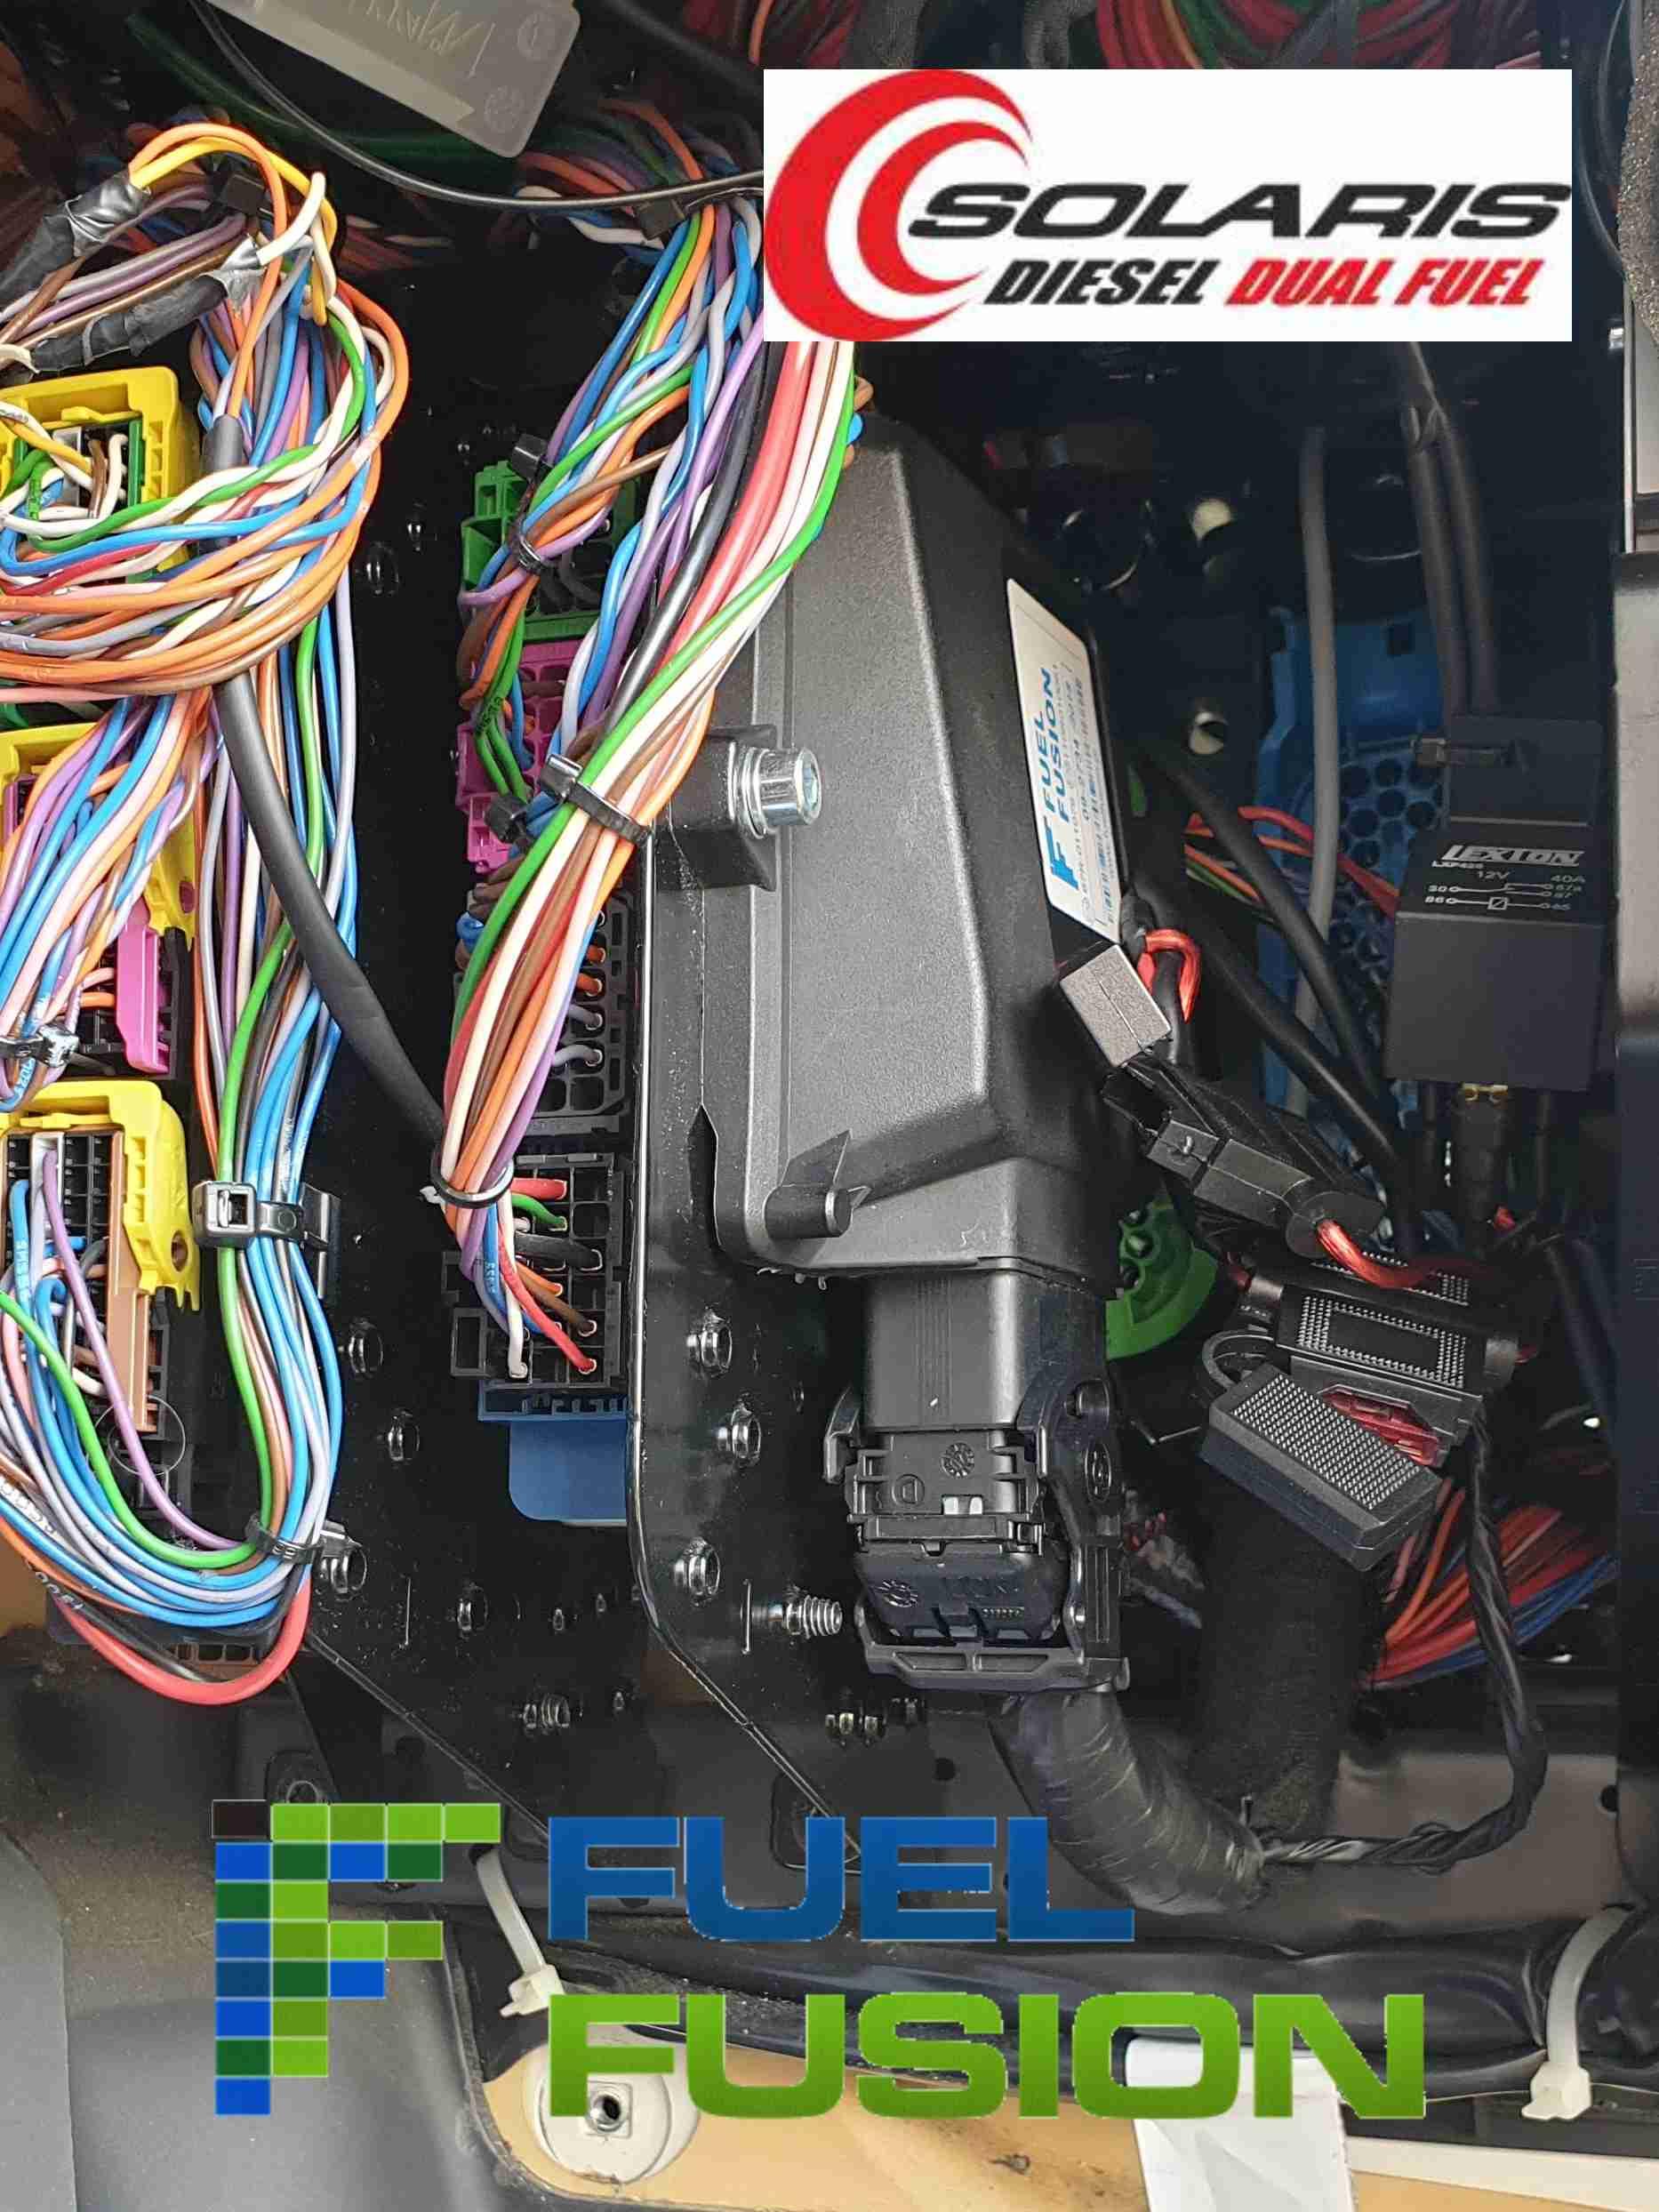 Solaris Diesel CNG typové schválení systému pro duální pohon dieselů na CNG a naftu